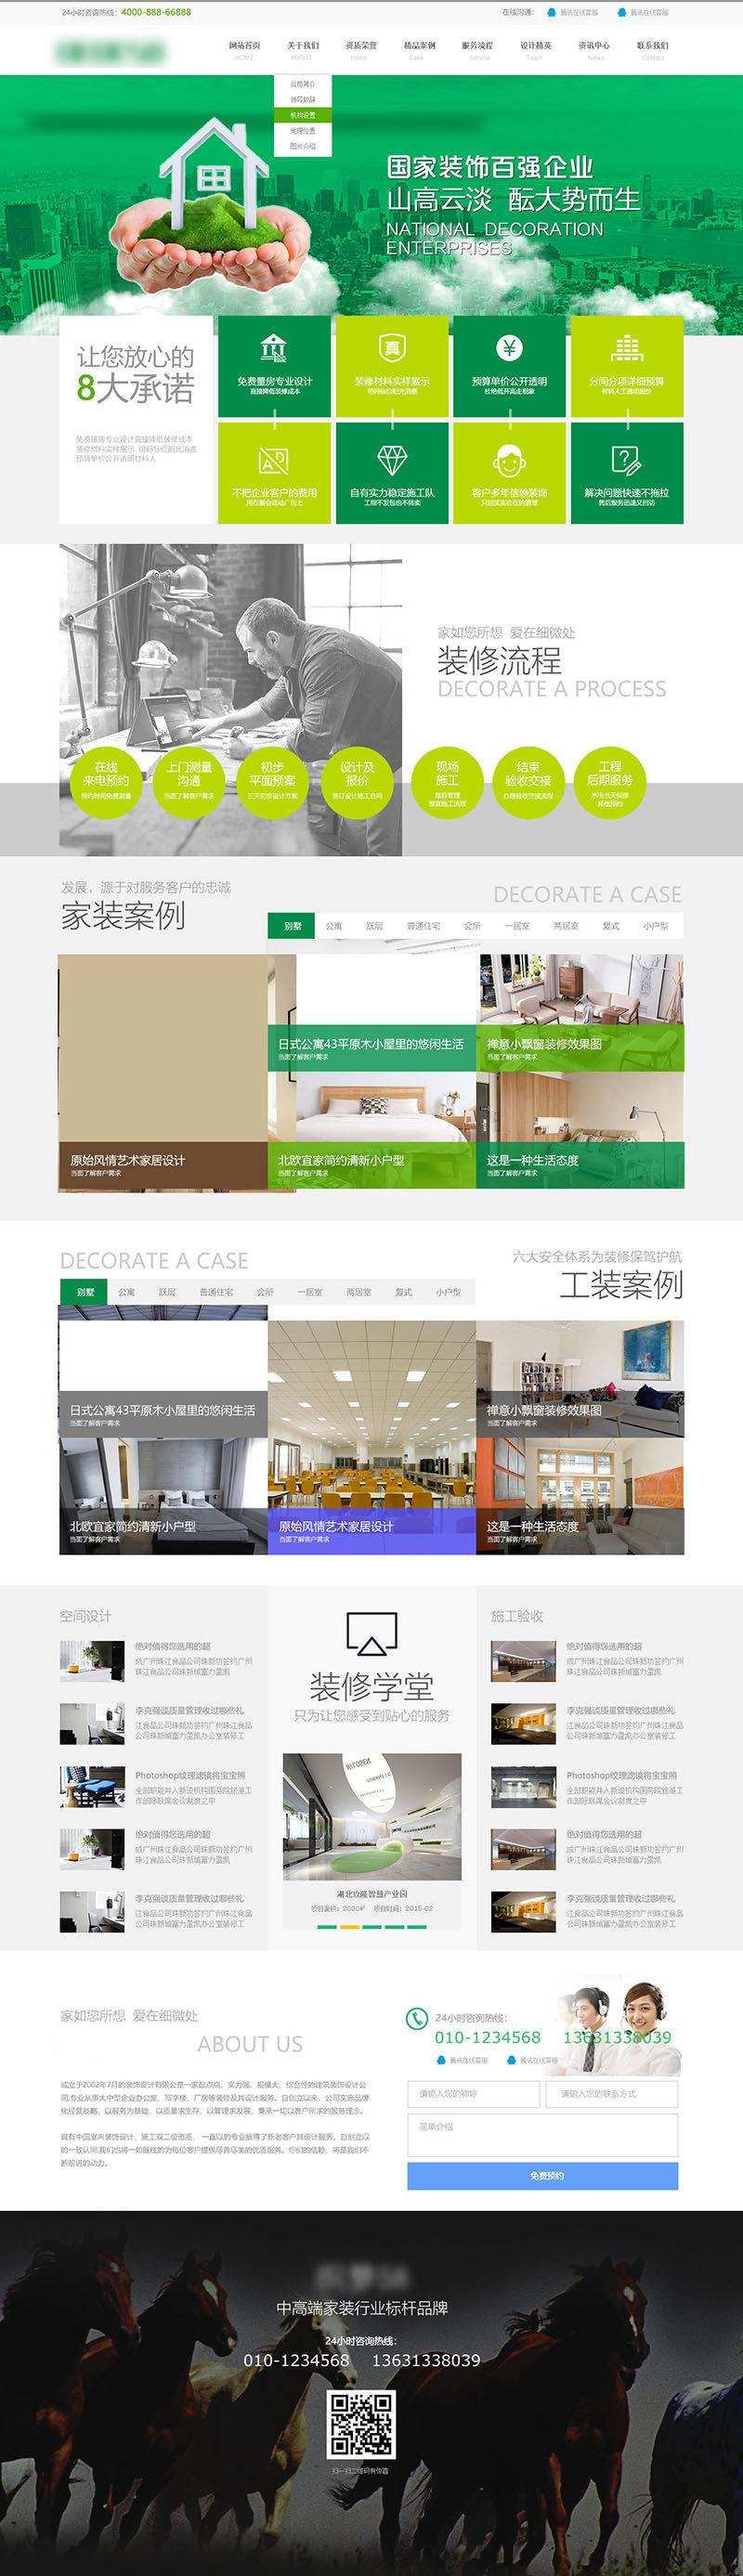 装修装饰类网站html模板